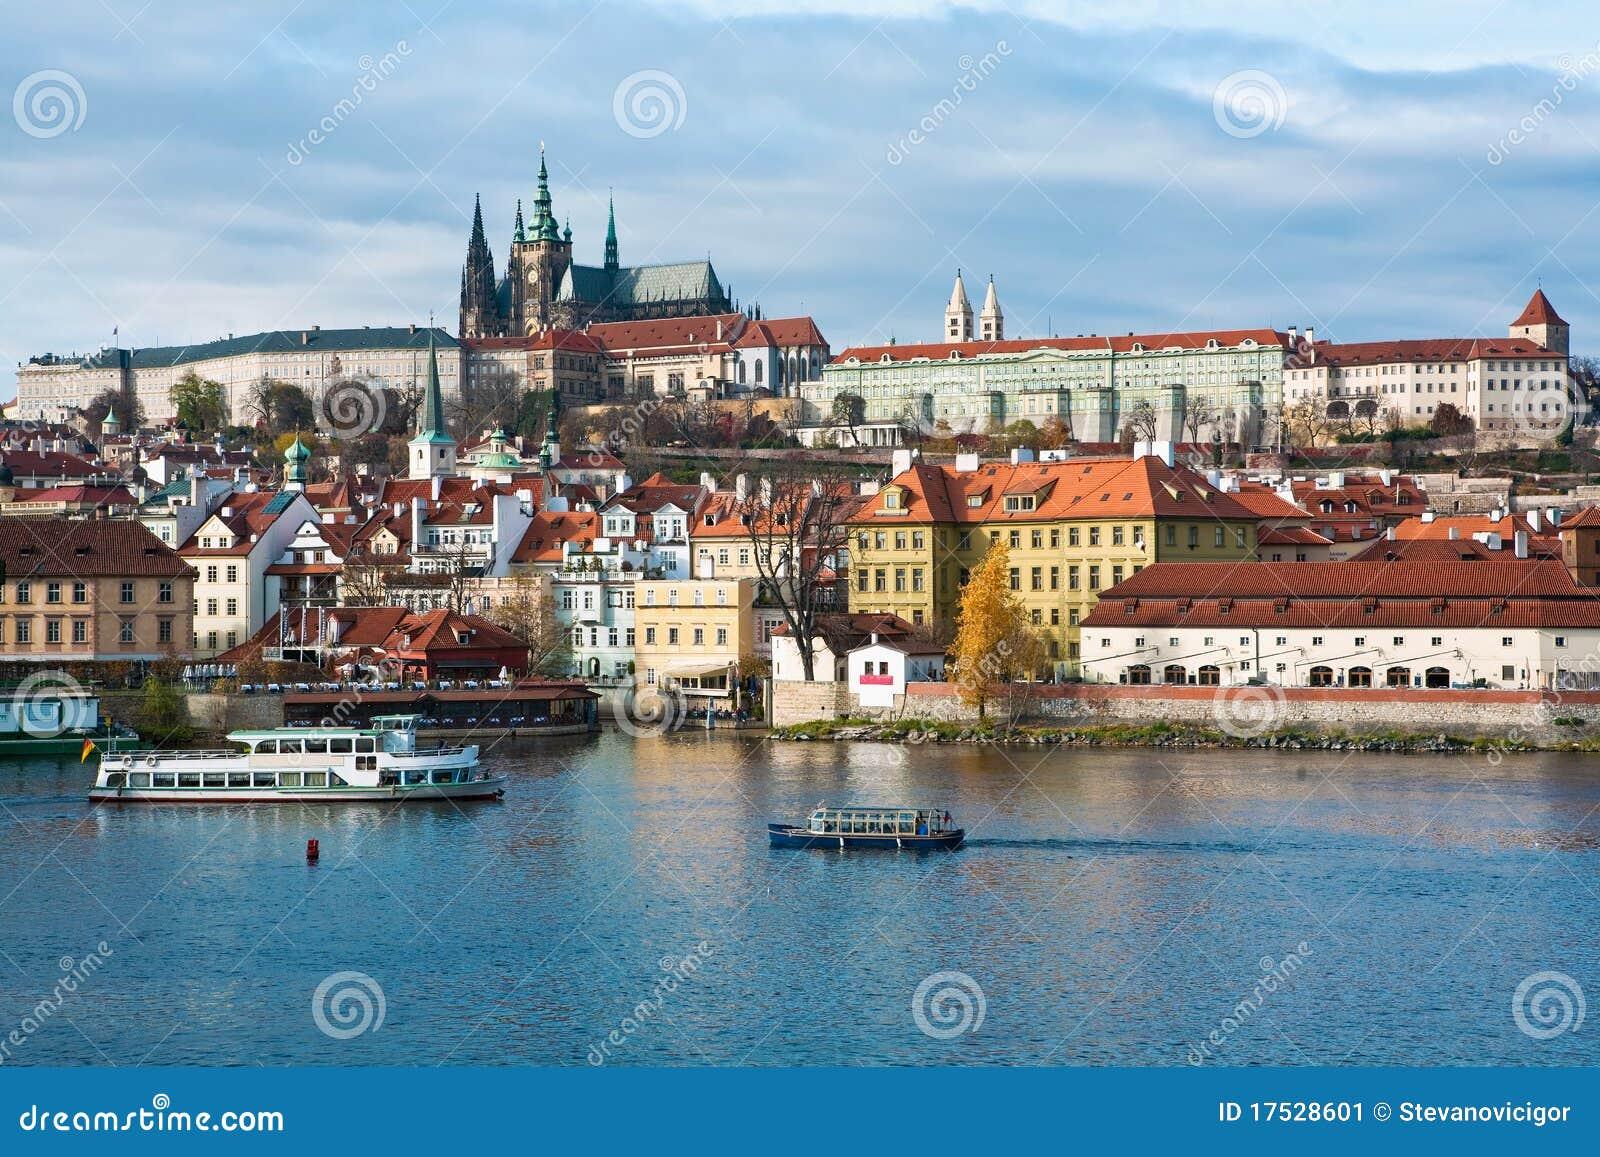 Prag castle